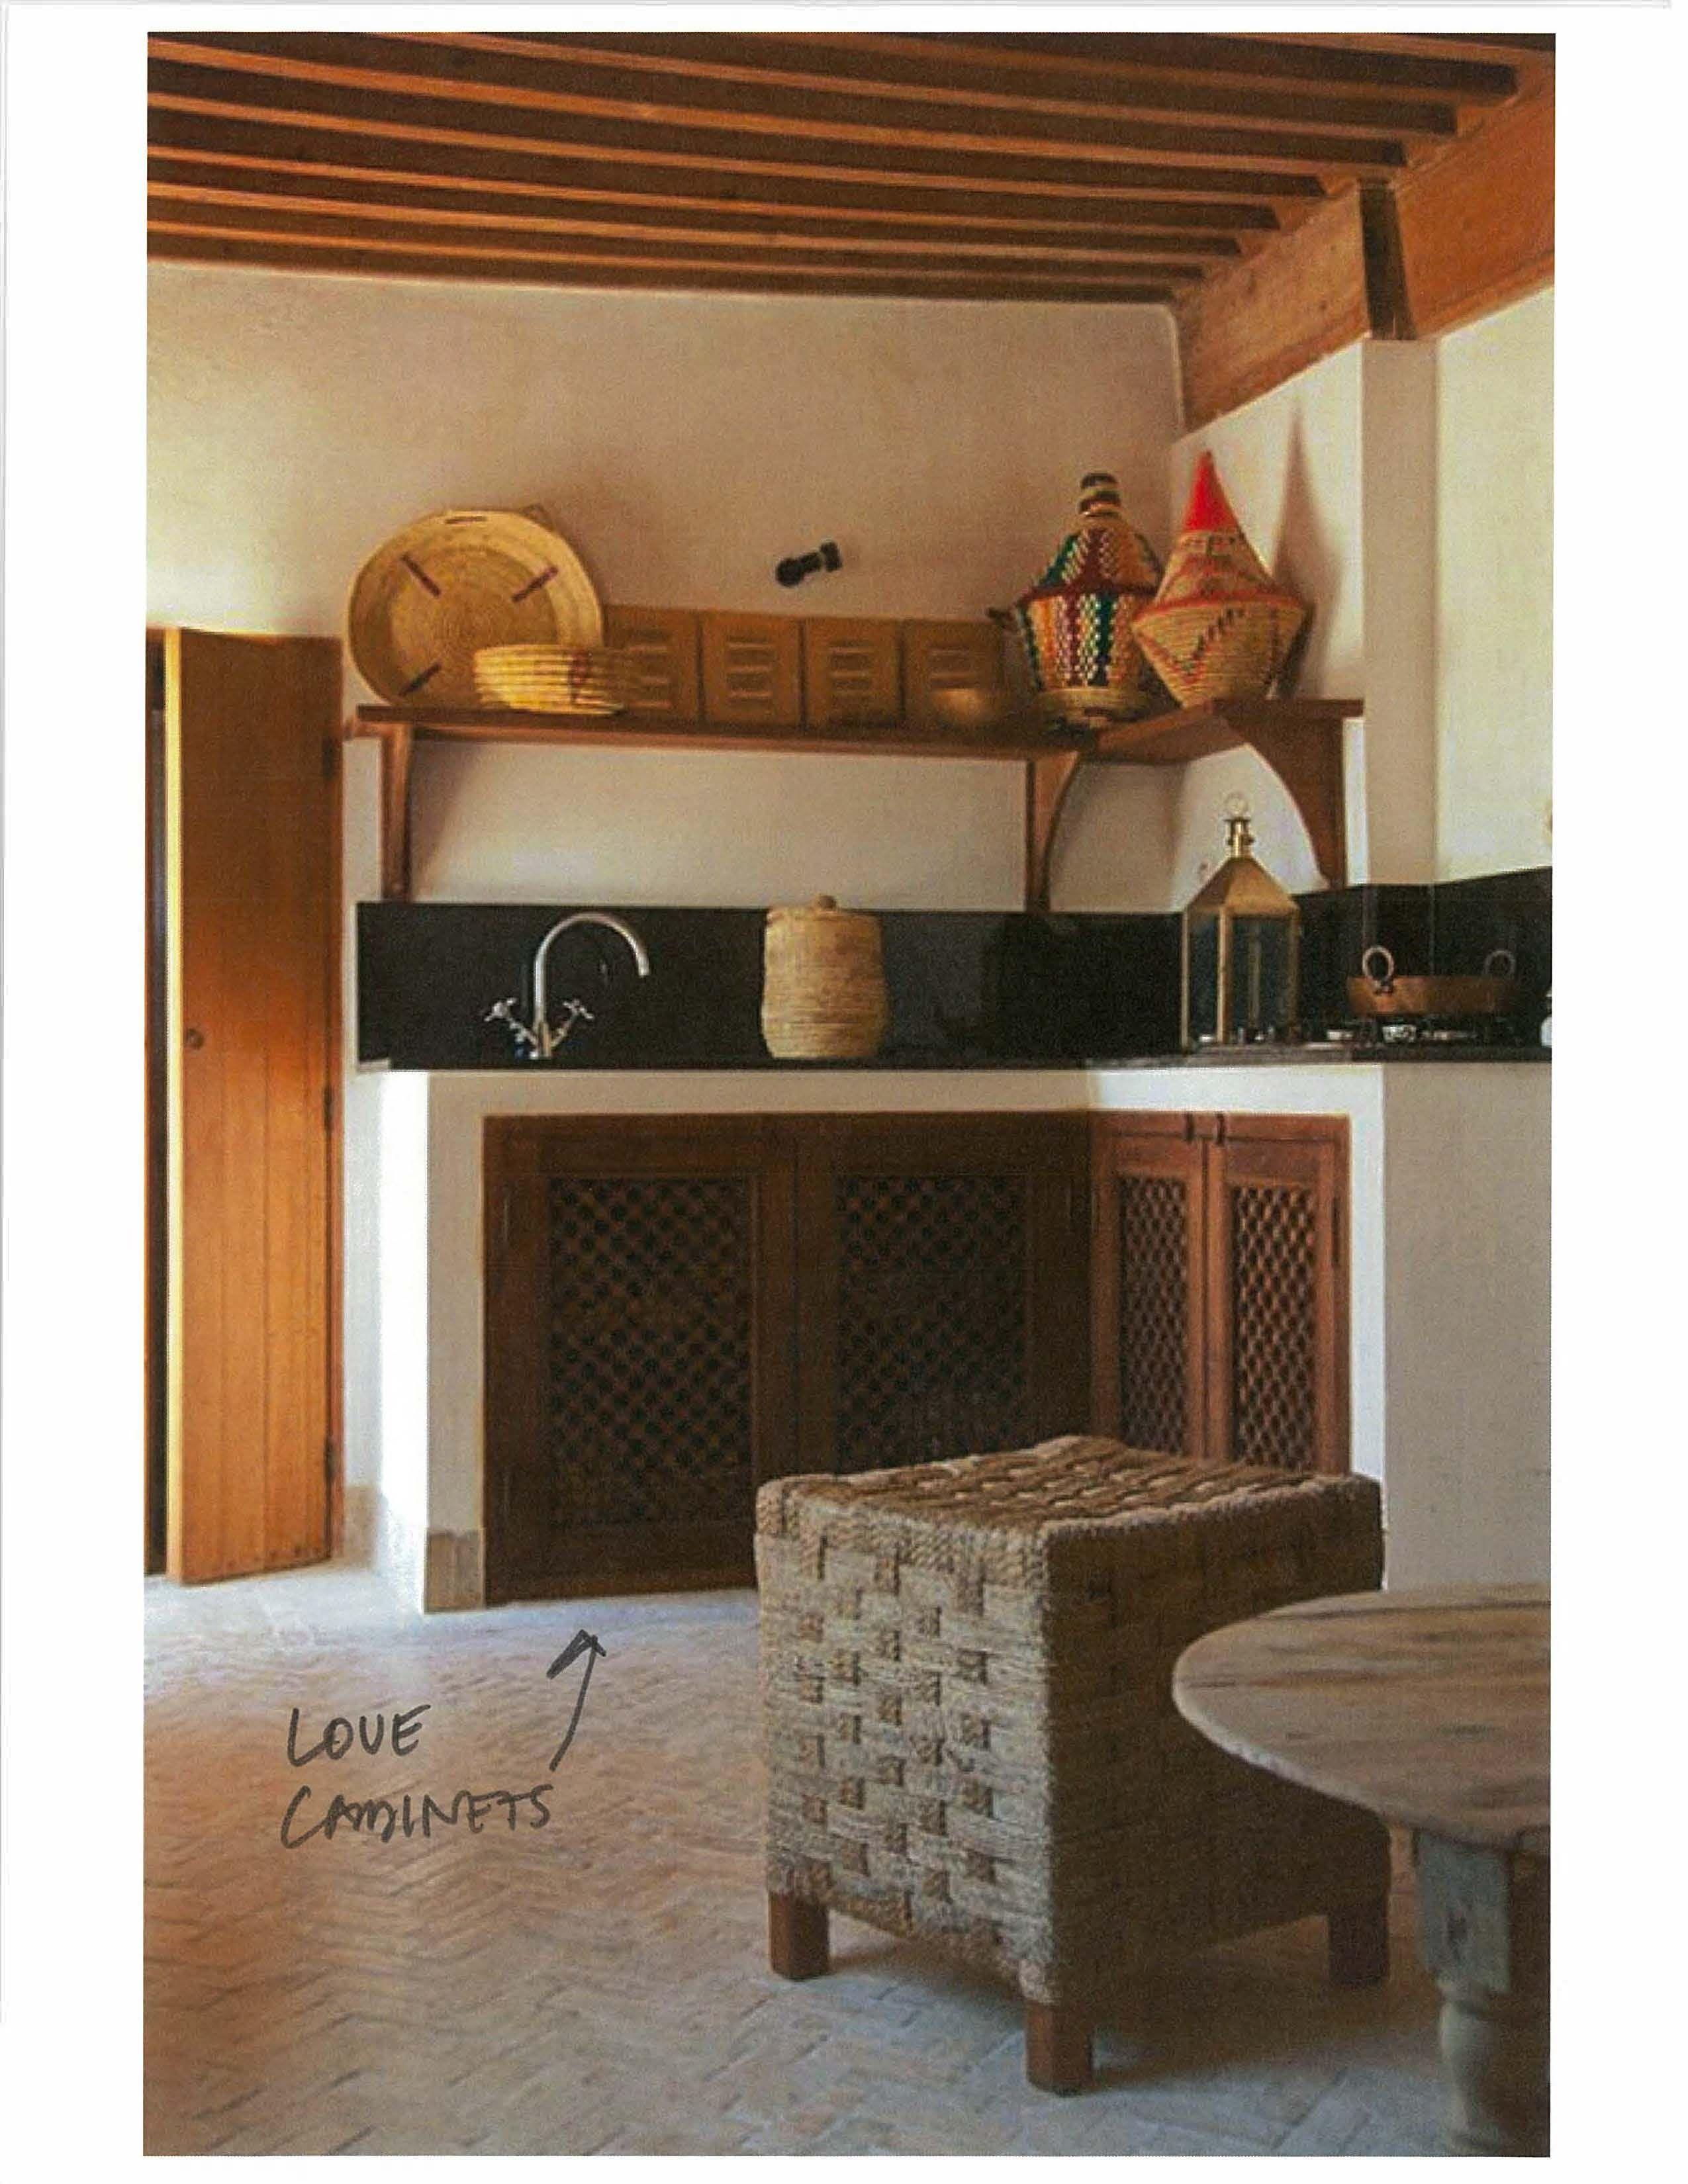 Épinglé par Émily Roy sur UWS  Decoration cuisine marocaine, Idée